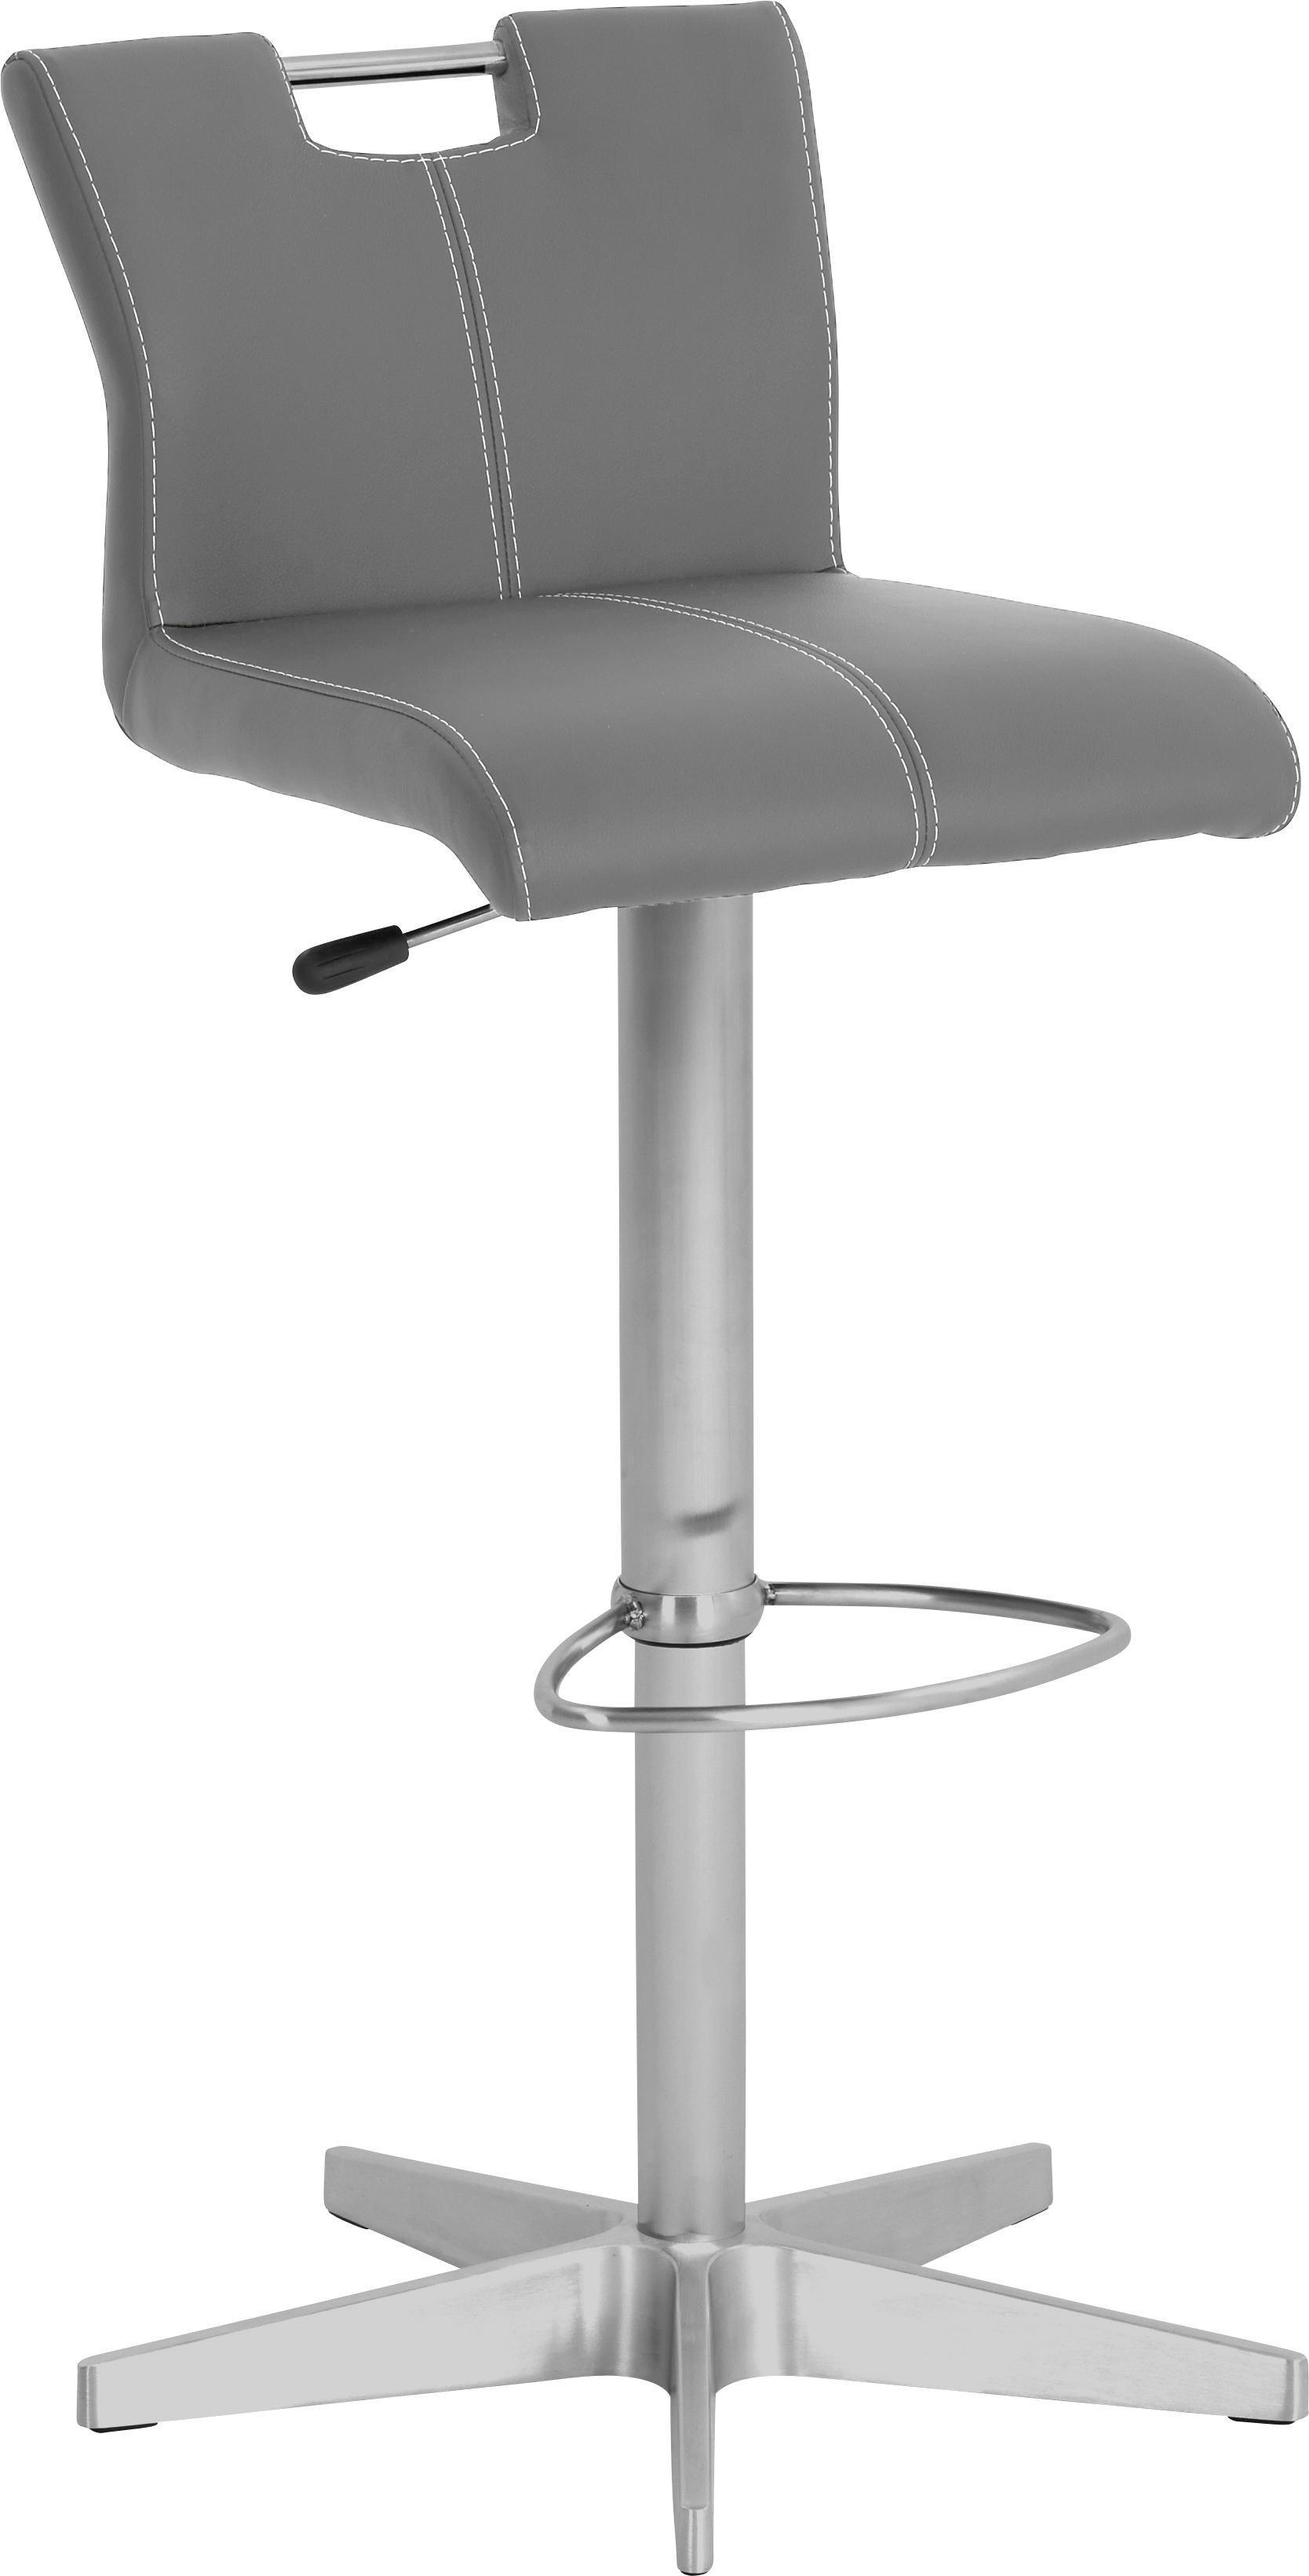 Groß Küchentheke Stühle Barhocker Ideen - Küchenschrank Ideen ...